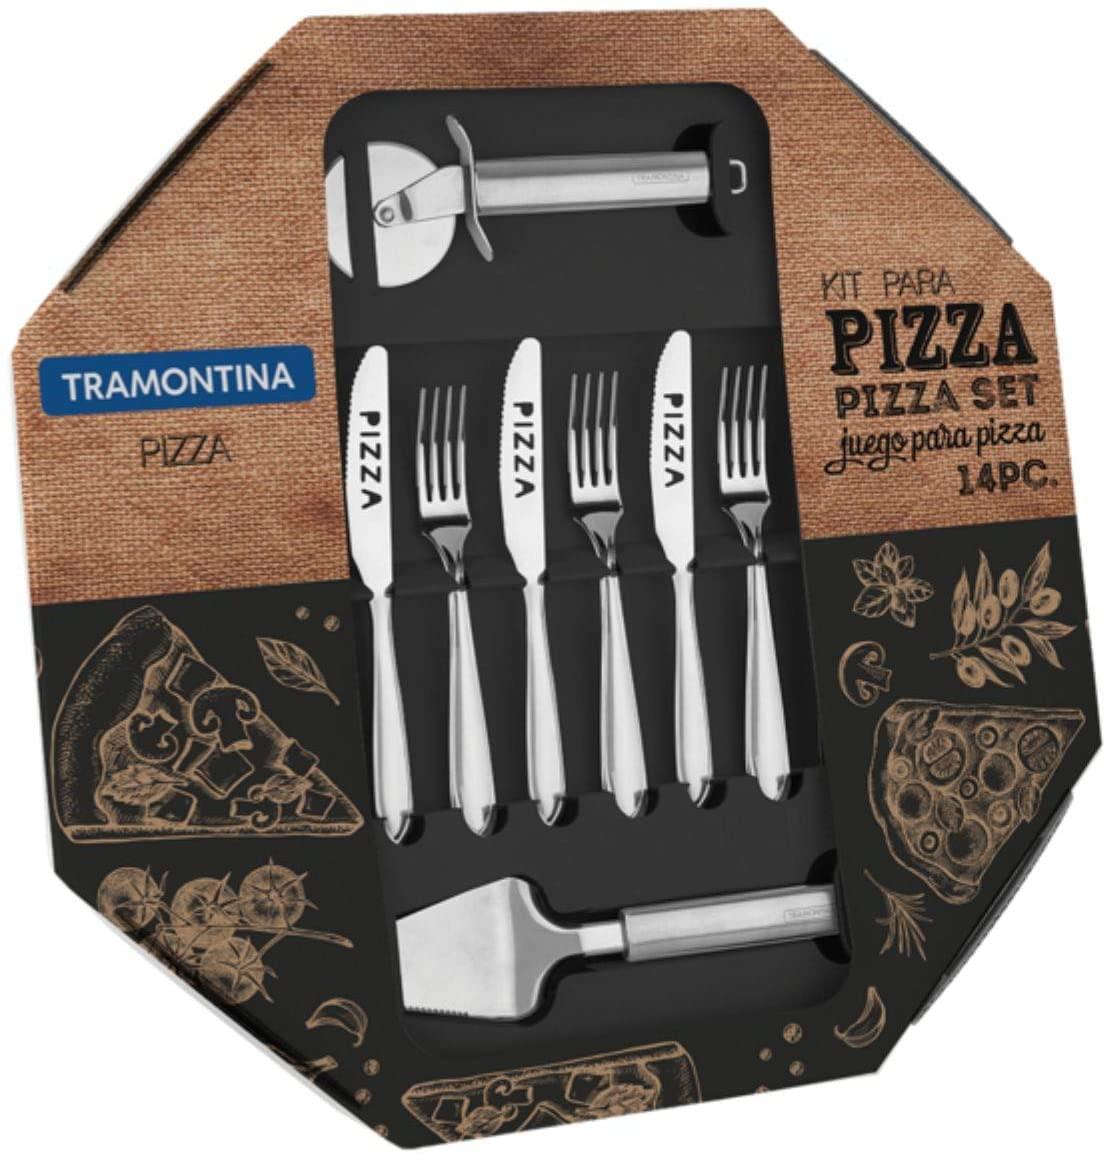 Kit para Pizza Laguna em Aço Inox 14 peças - Tramontina